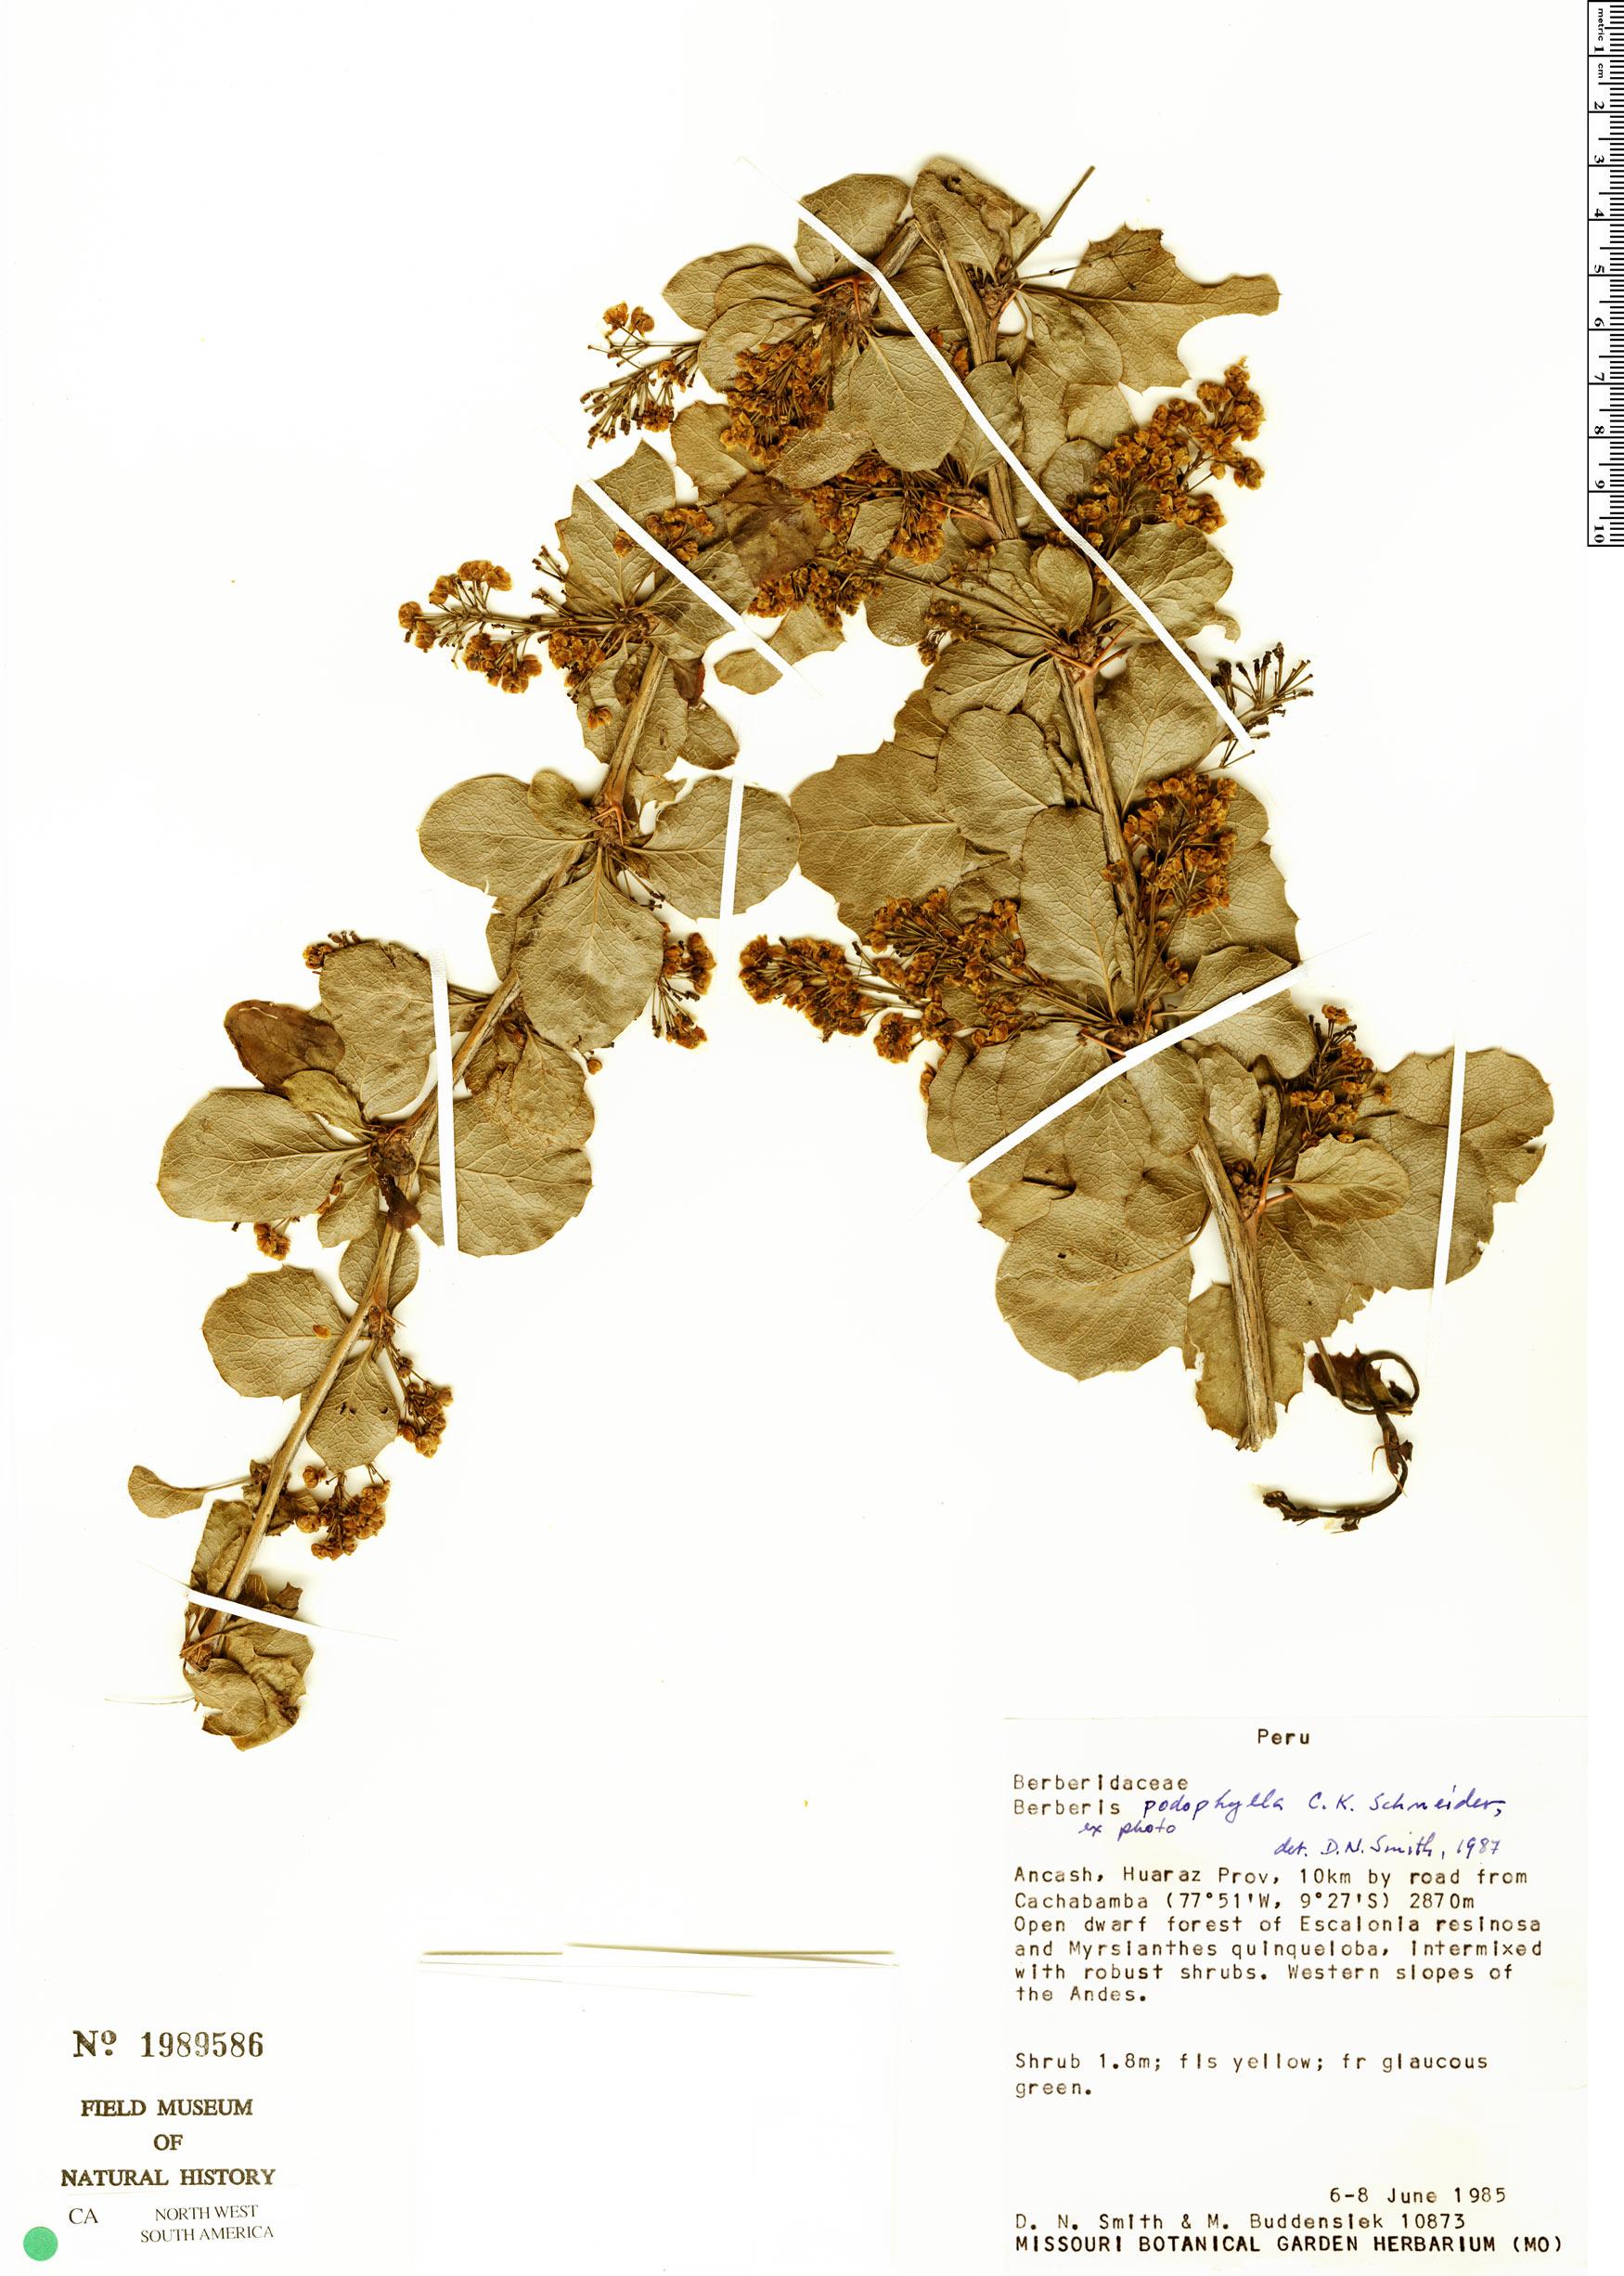 Specimen: Berberis podophylla